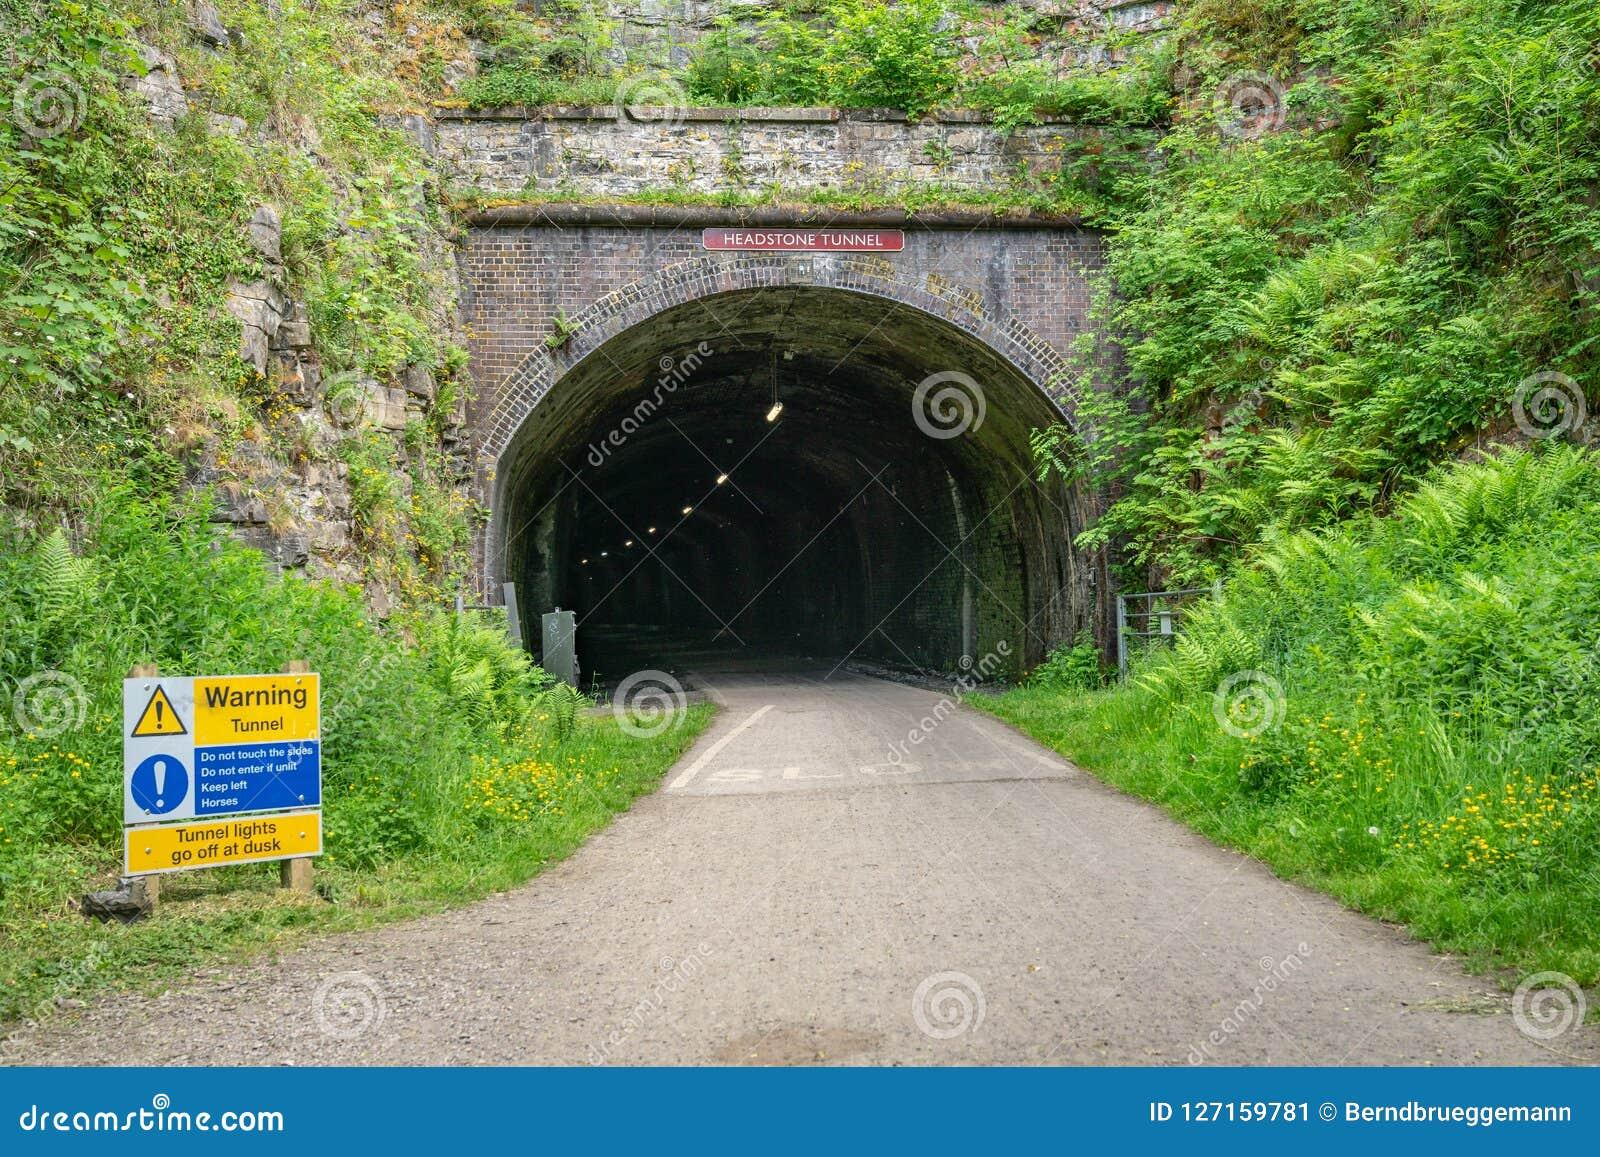 Der Eingang zum Grundstein-Tunnel, Derbyshire, England, Großbritannien